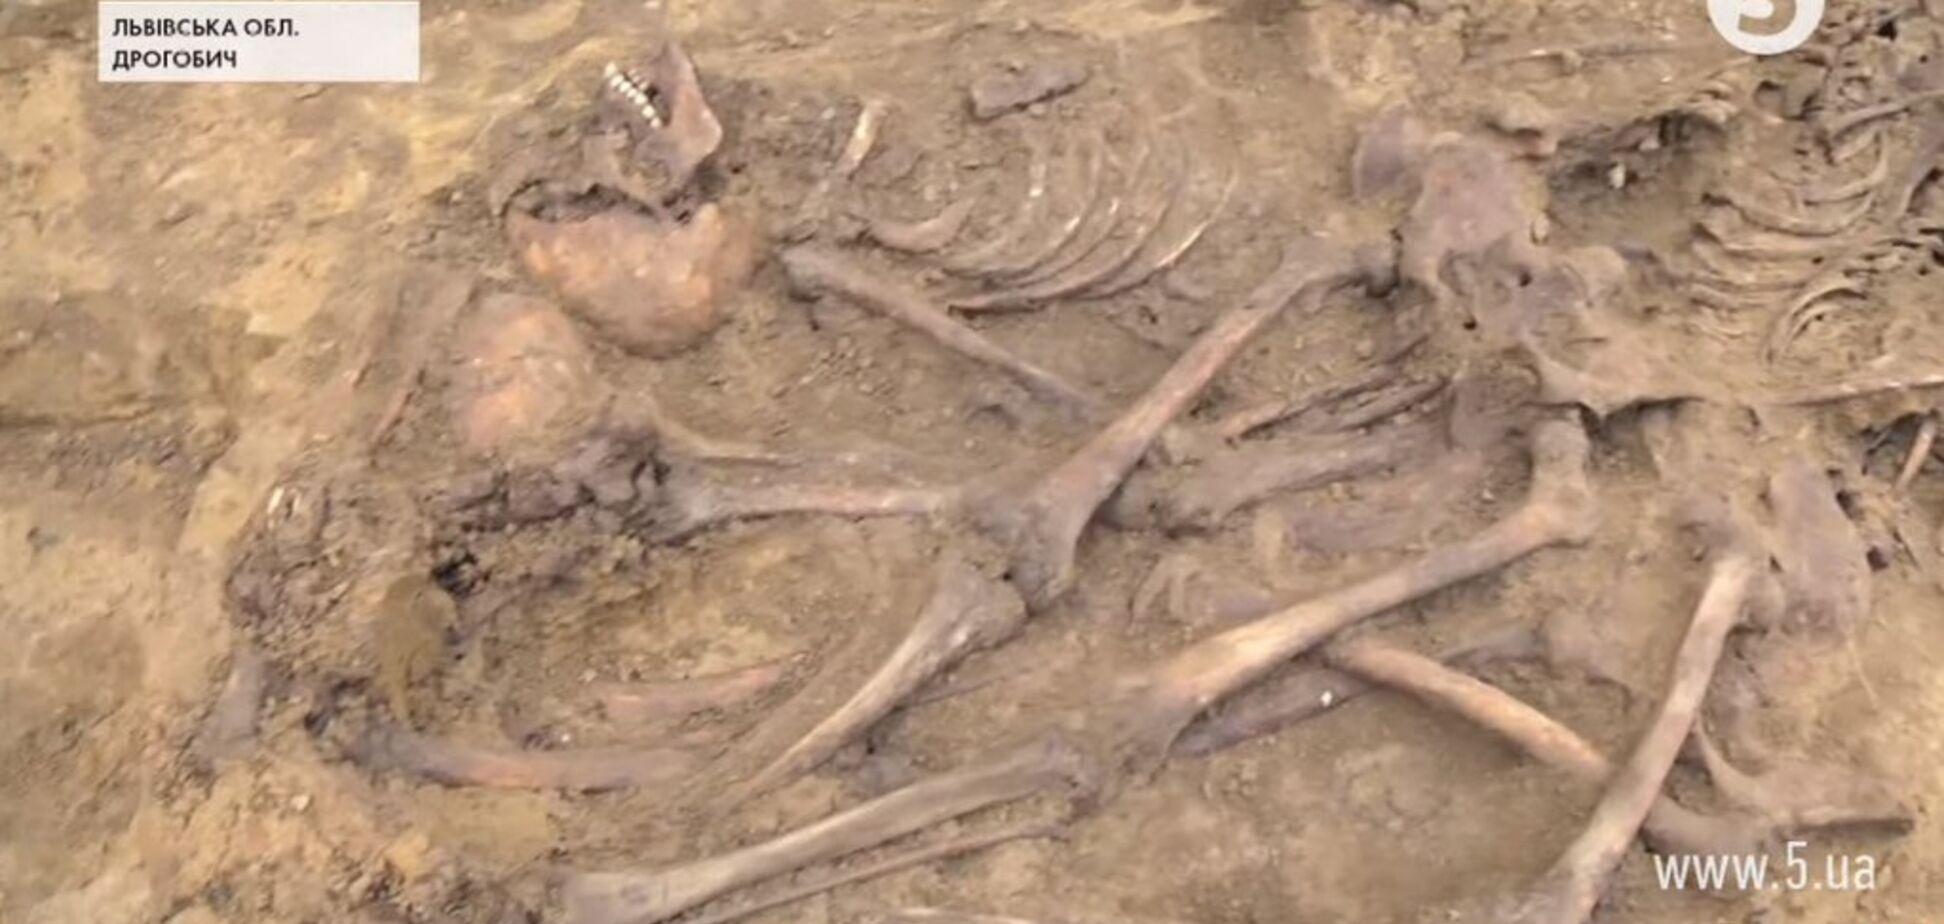 Стреляли в затылок и добивали кастетом: на Львовщине нашли останки 61 человека. Видео 18+